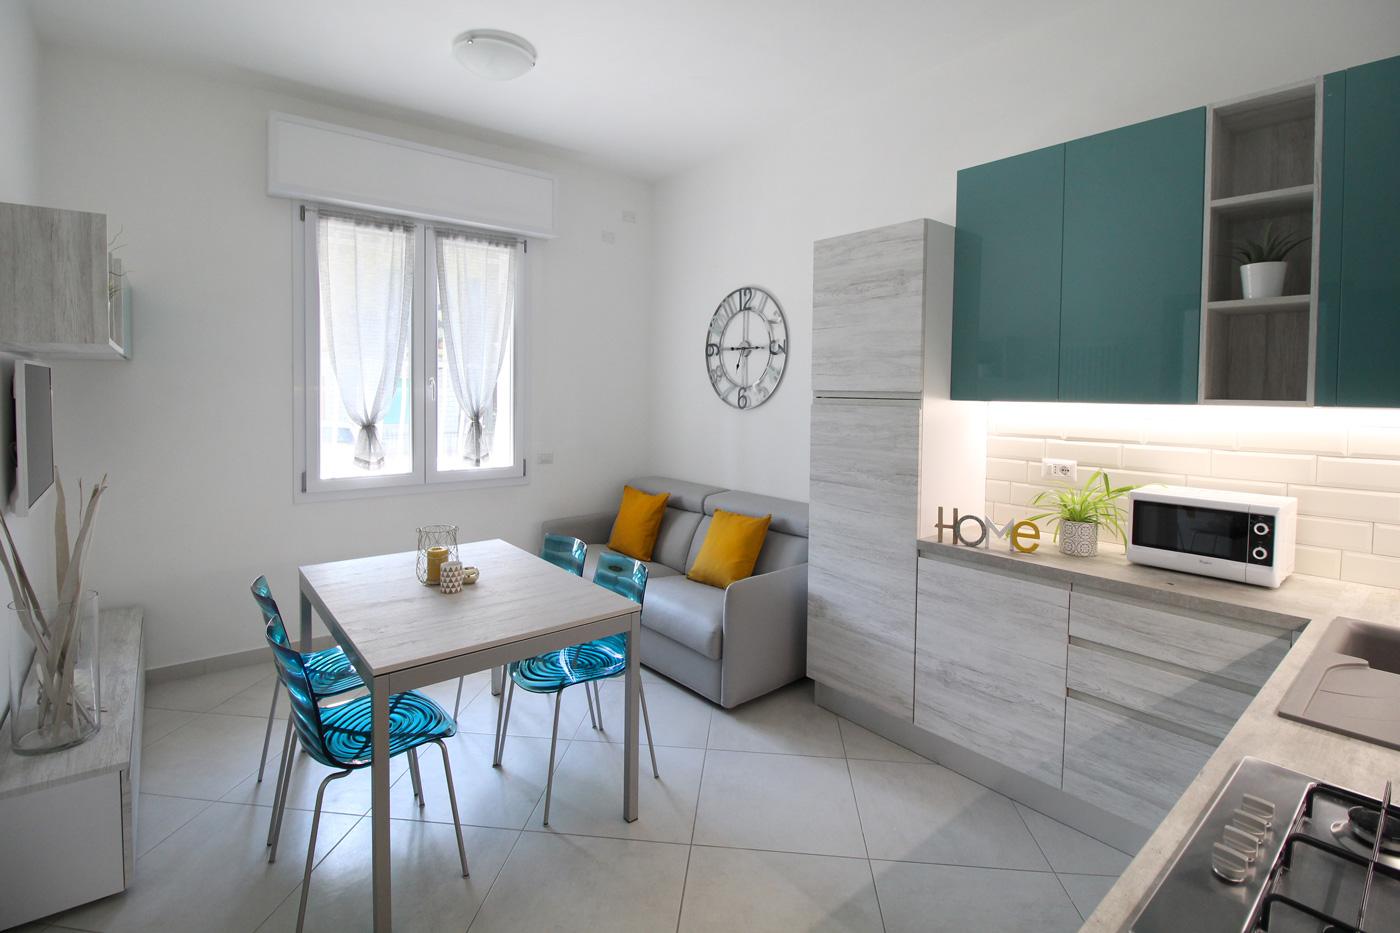 Appartamento samantha_Romagna case vacanze_IMG_7374